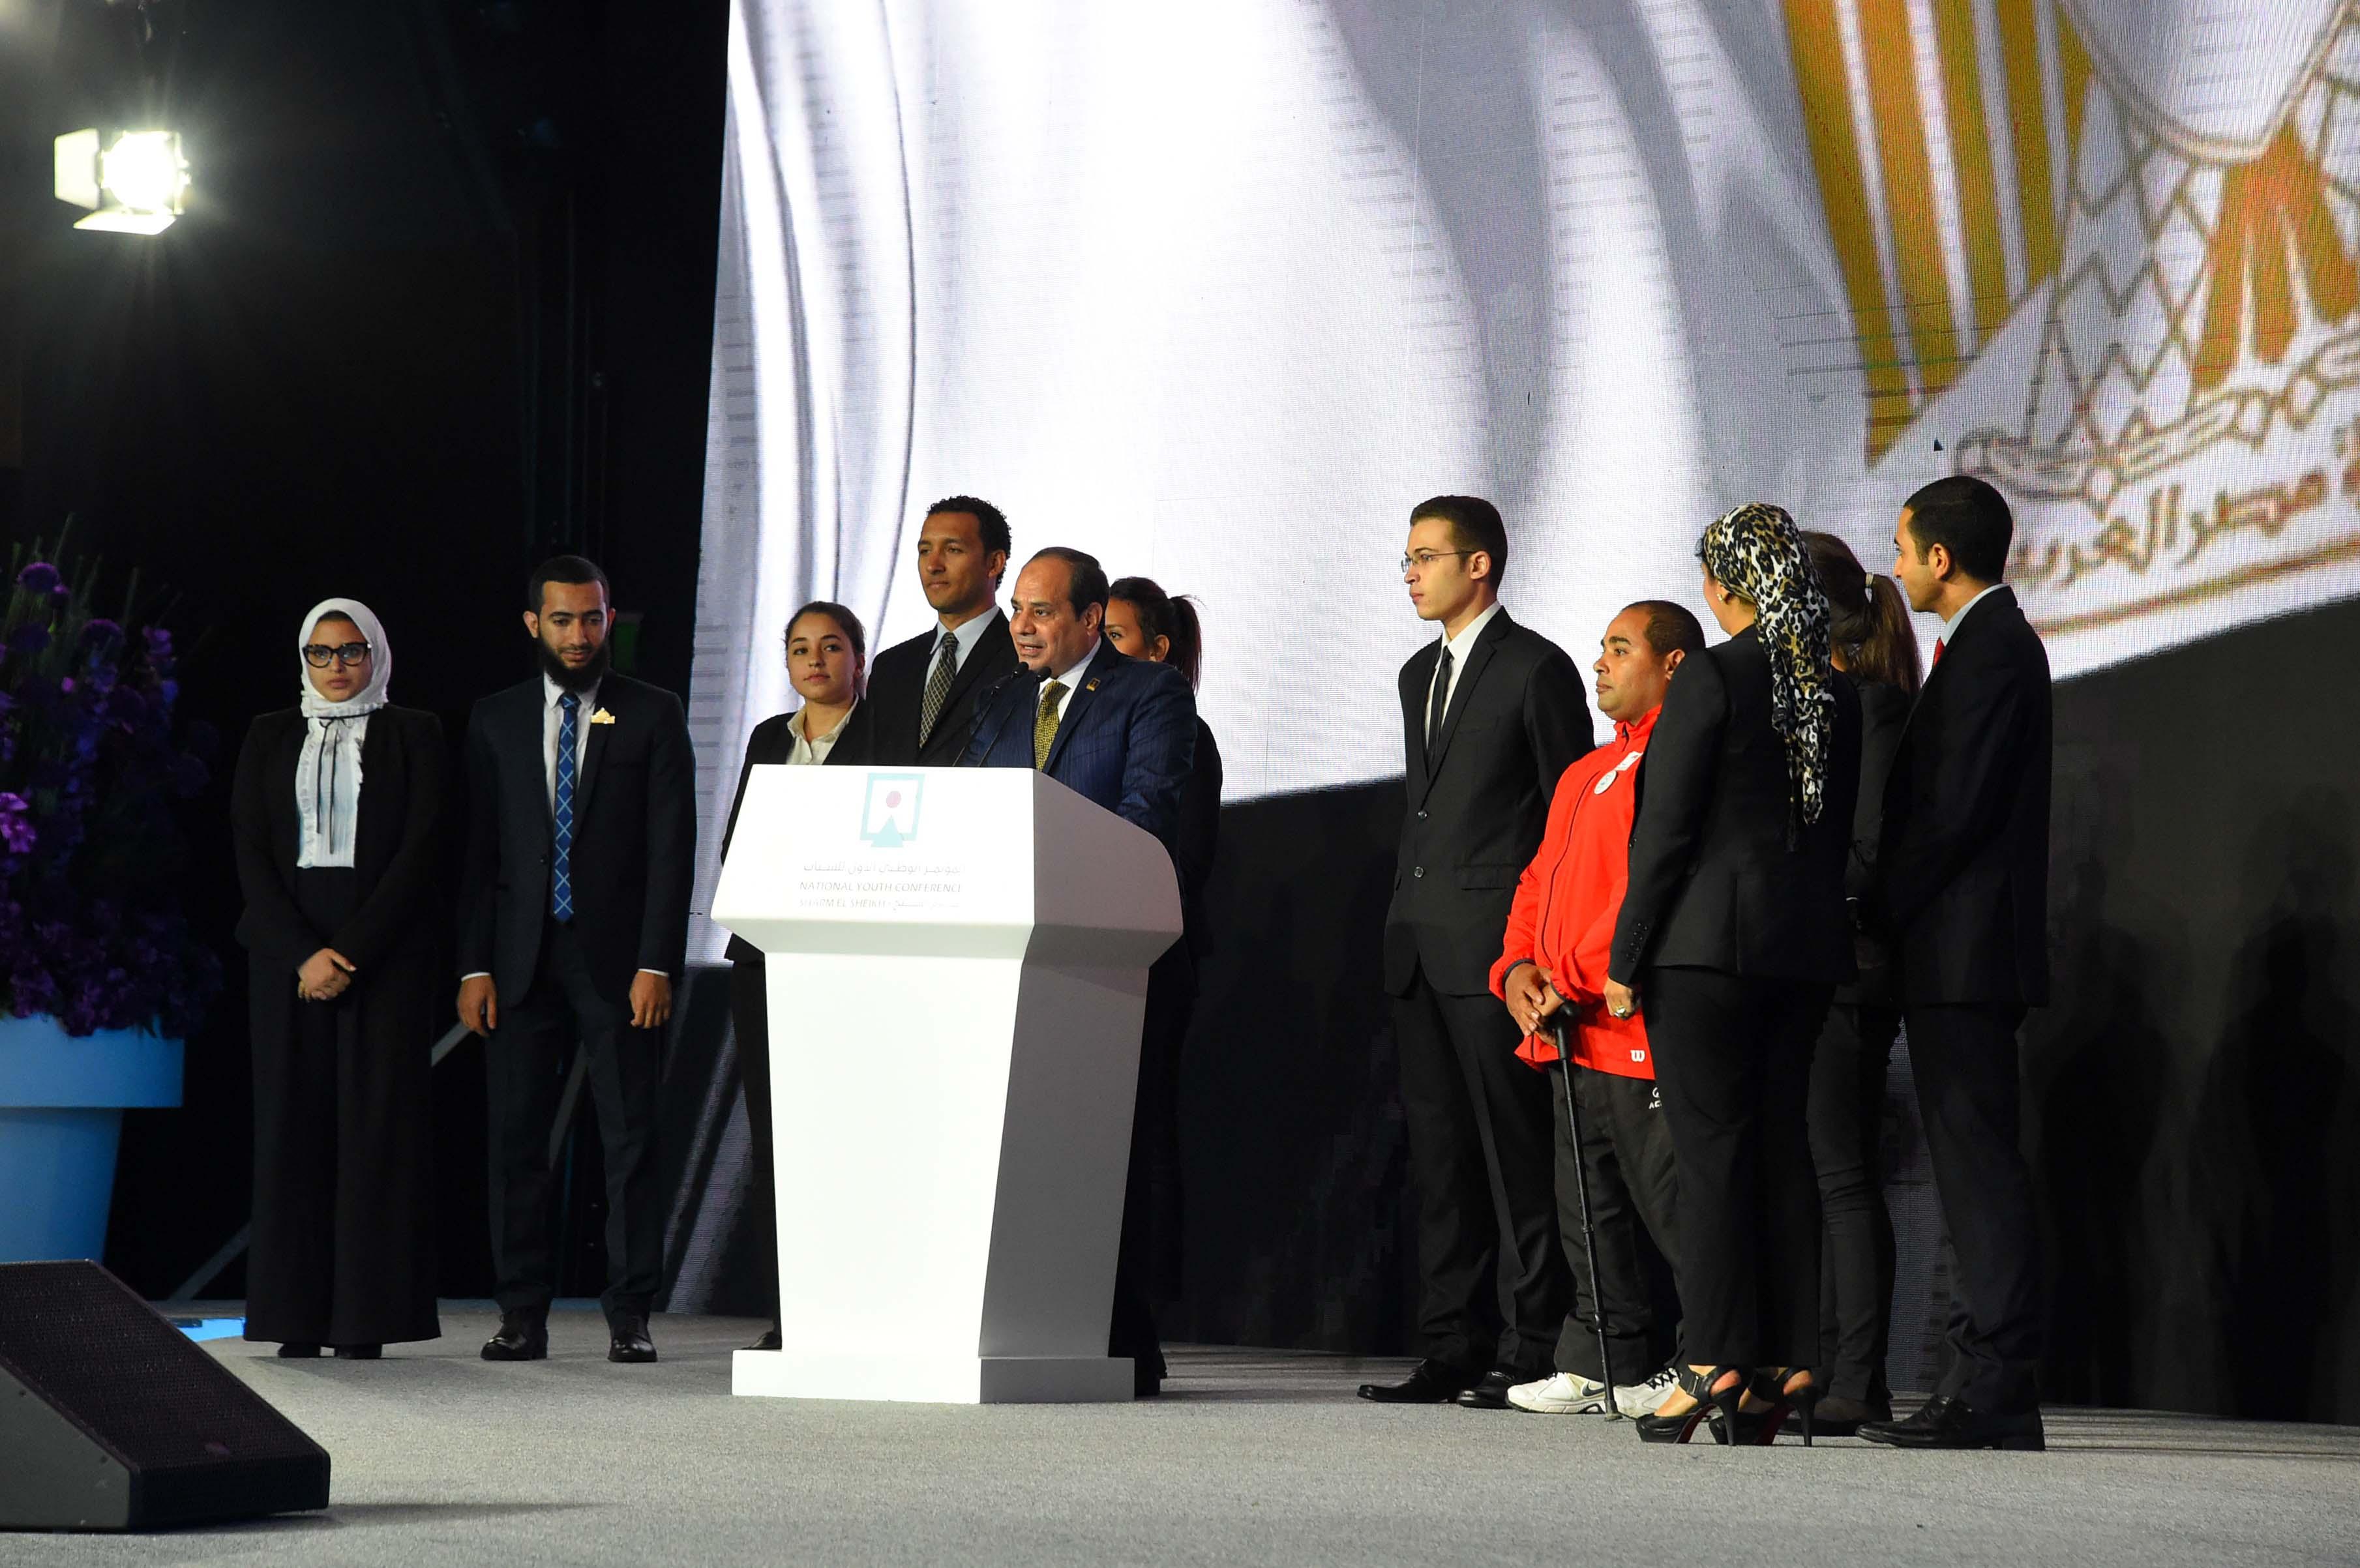 افتتاح مؤتمر الشباب (7)